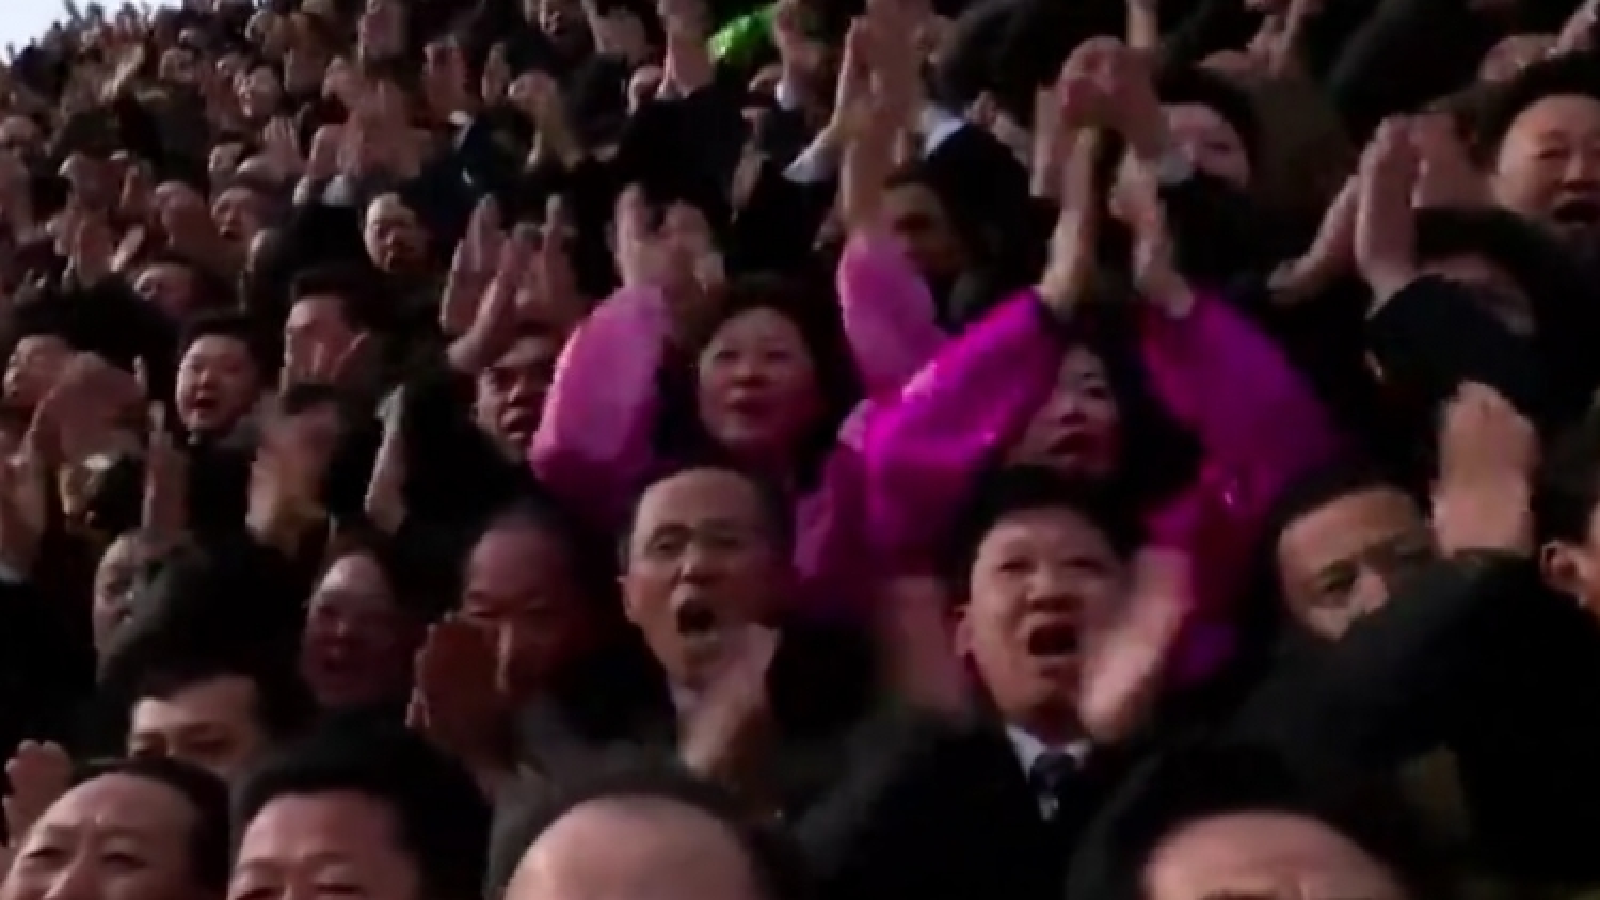 Video: Tổng bí thư Kim Jong Un gặp gỡ, chụp ảnh tập thể với đại biểu Đại hội Đảng Lao động